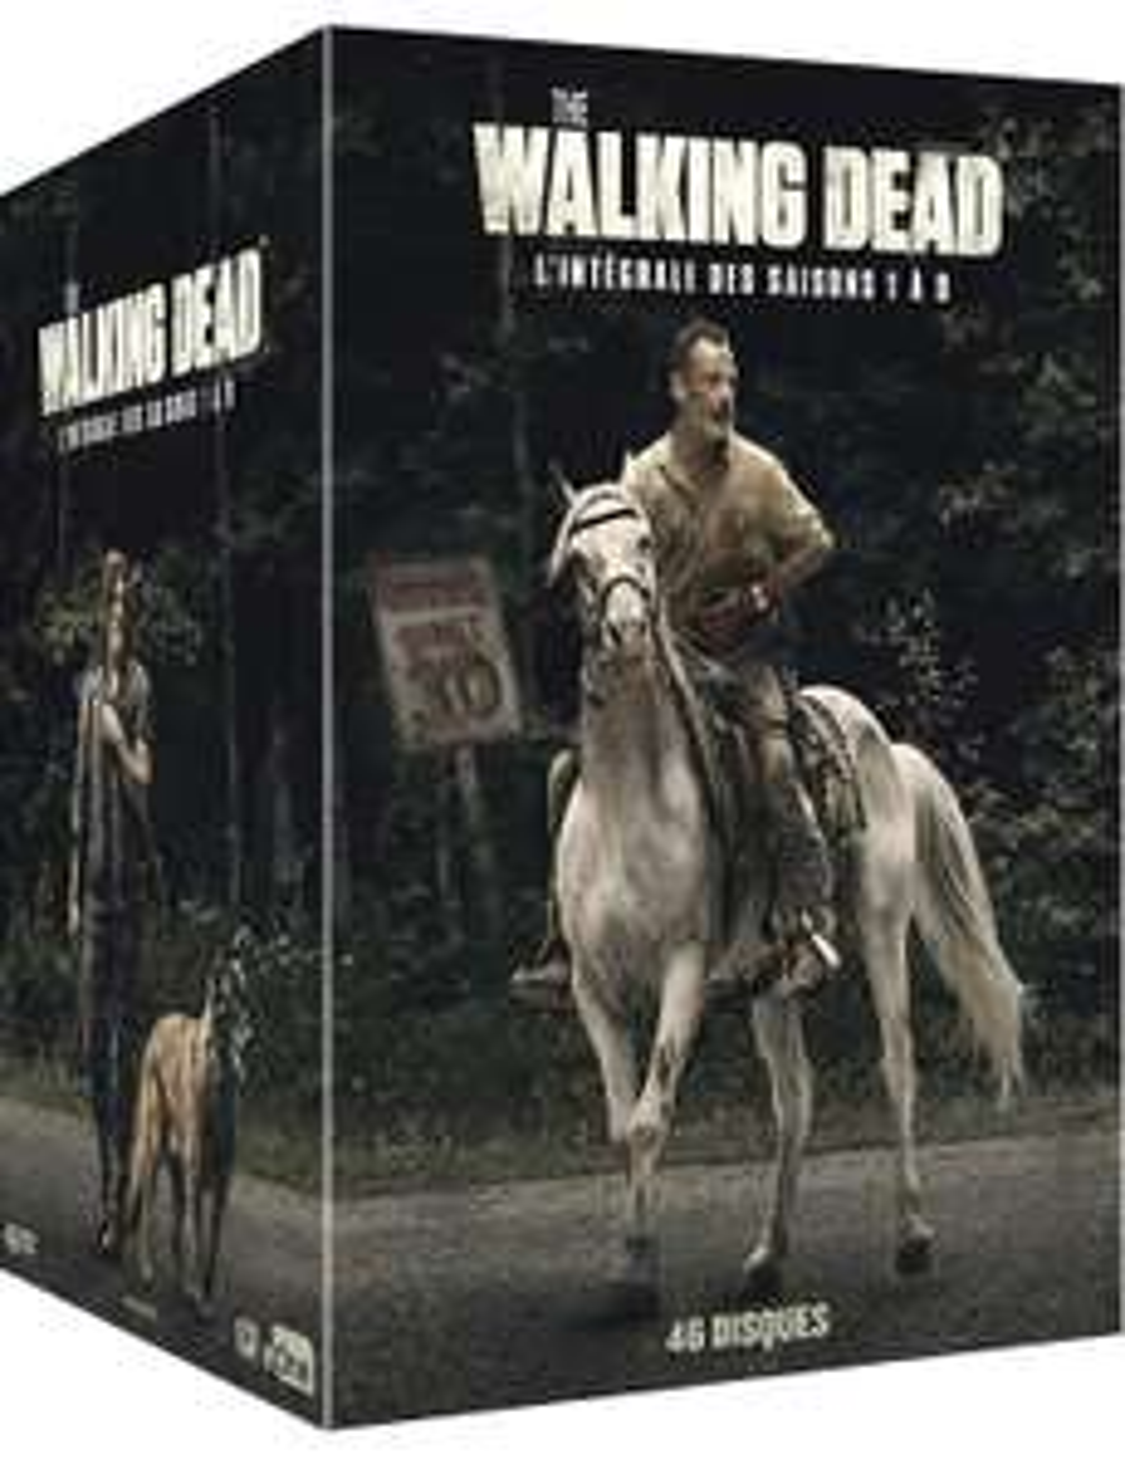 Coffret DVD The Walking Dead - L'intégrale des saisons 1 à 9